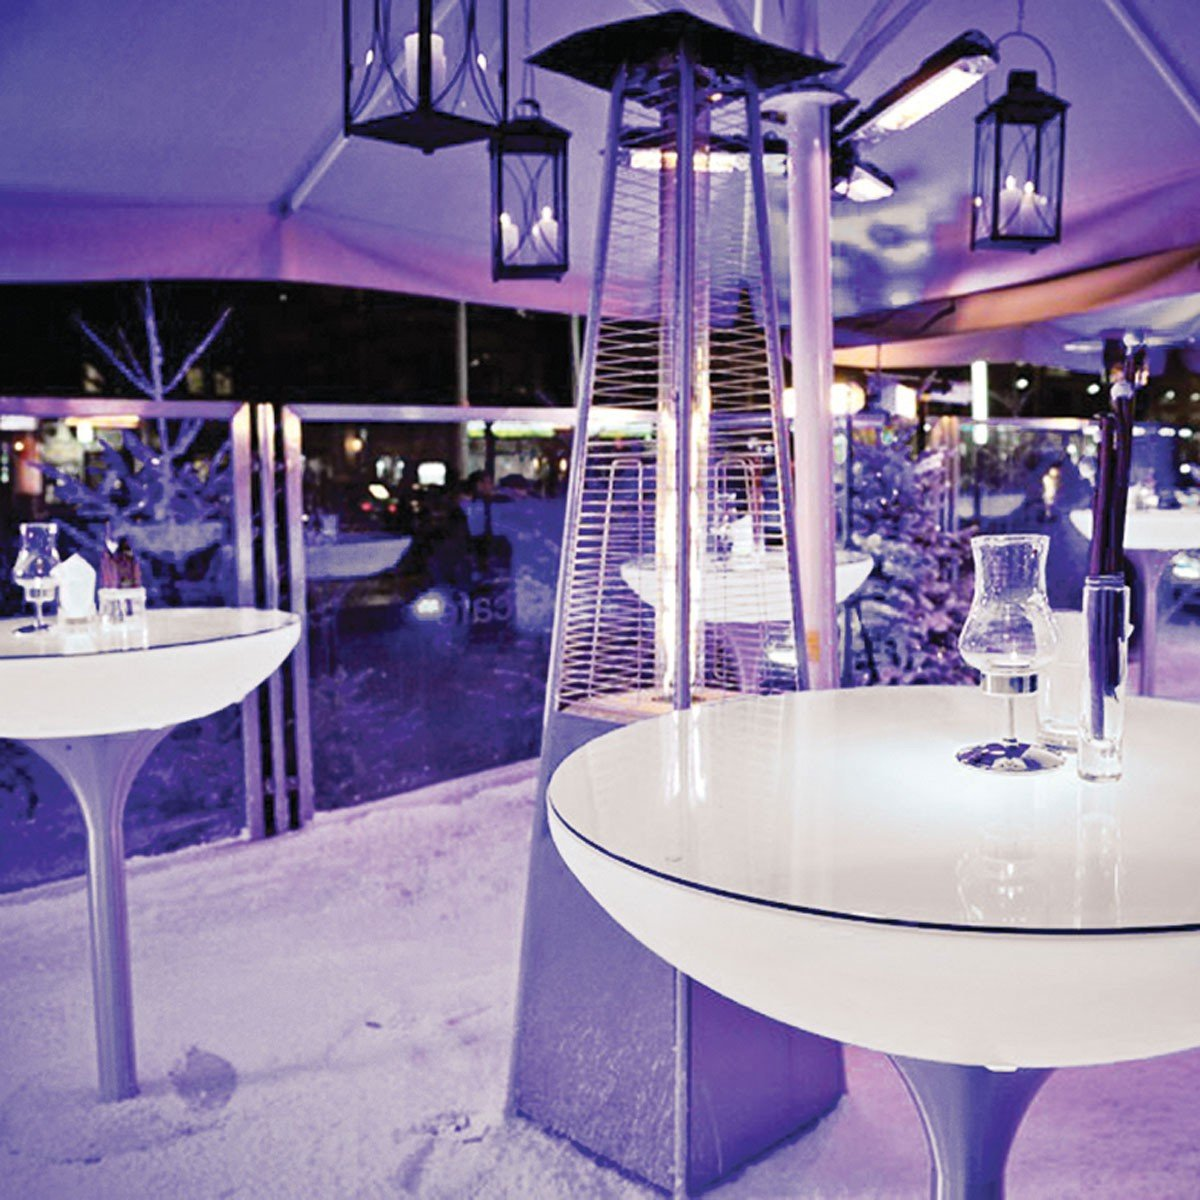 Couchtisch Lounge Größe: 105 cm H x 84 cm Ø